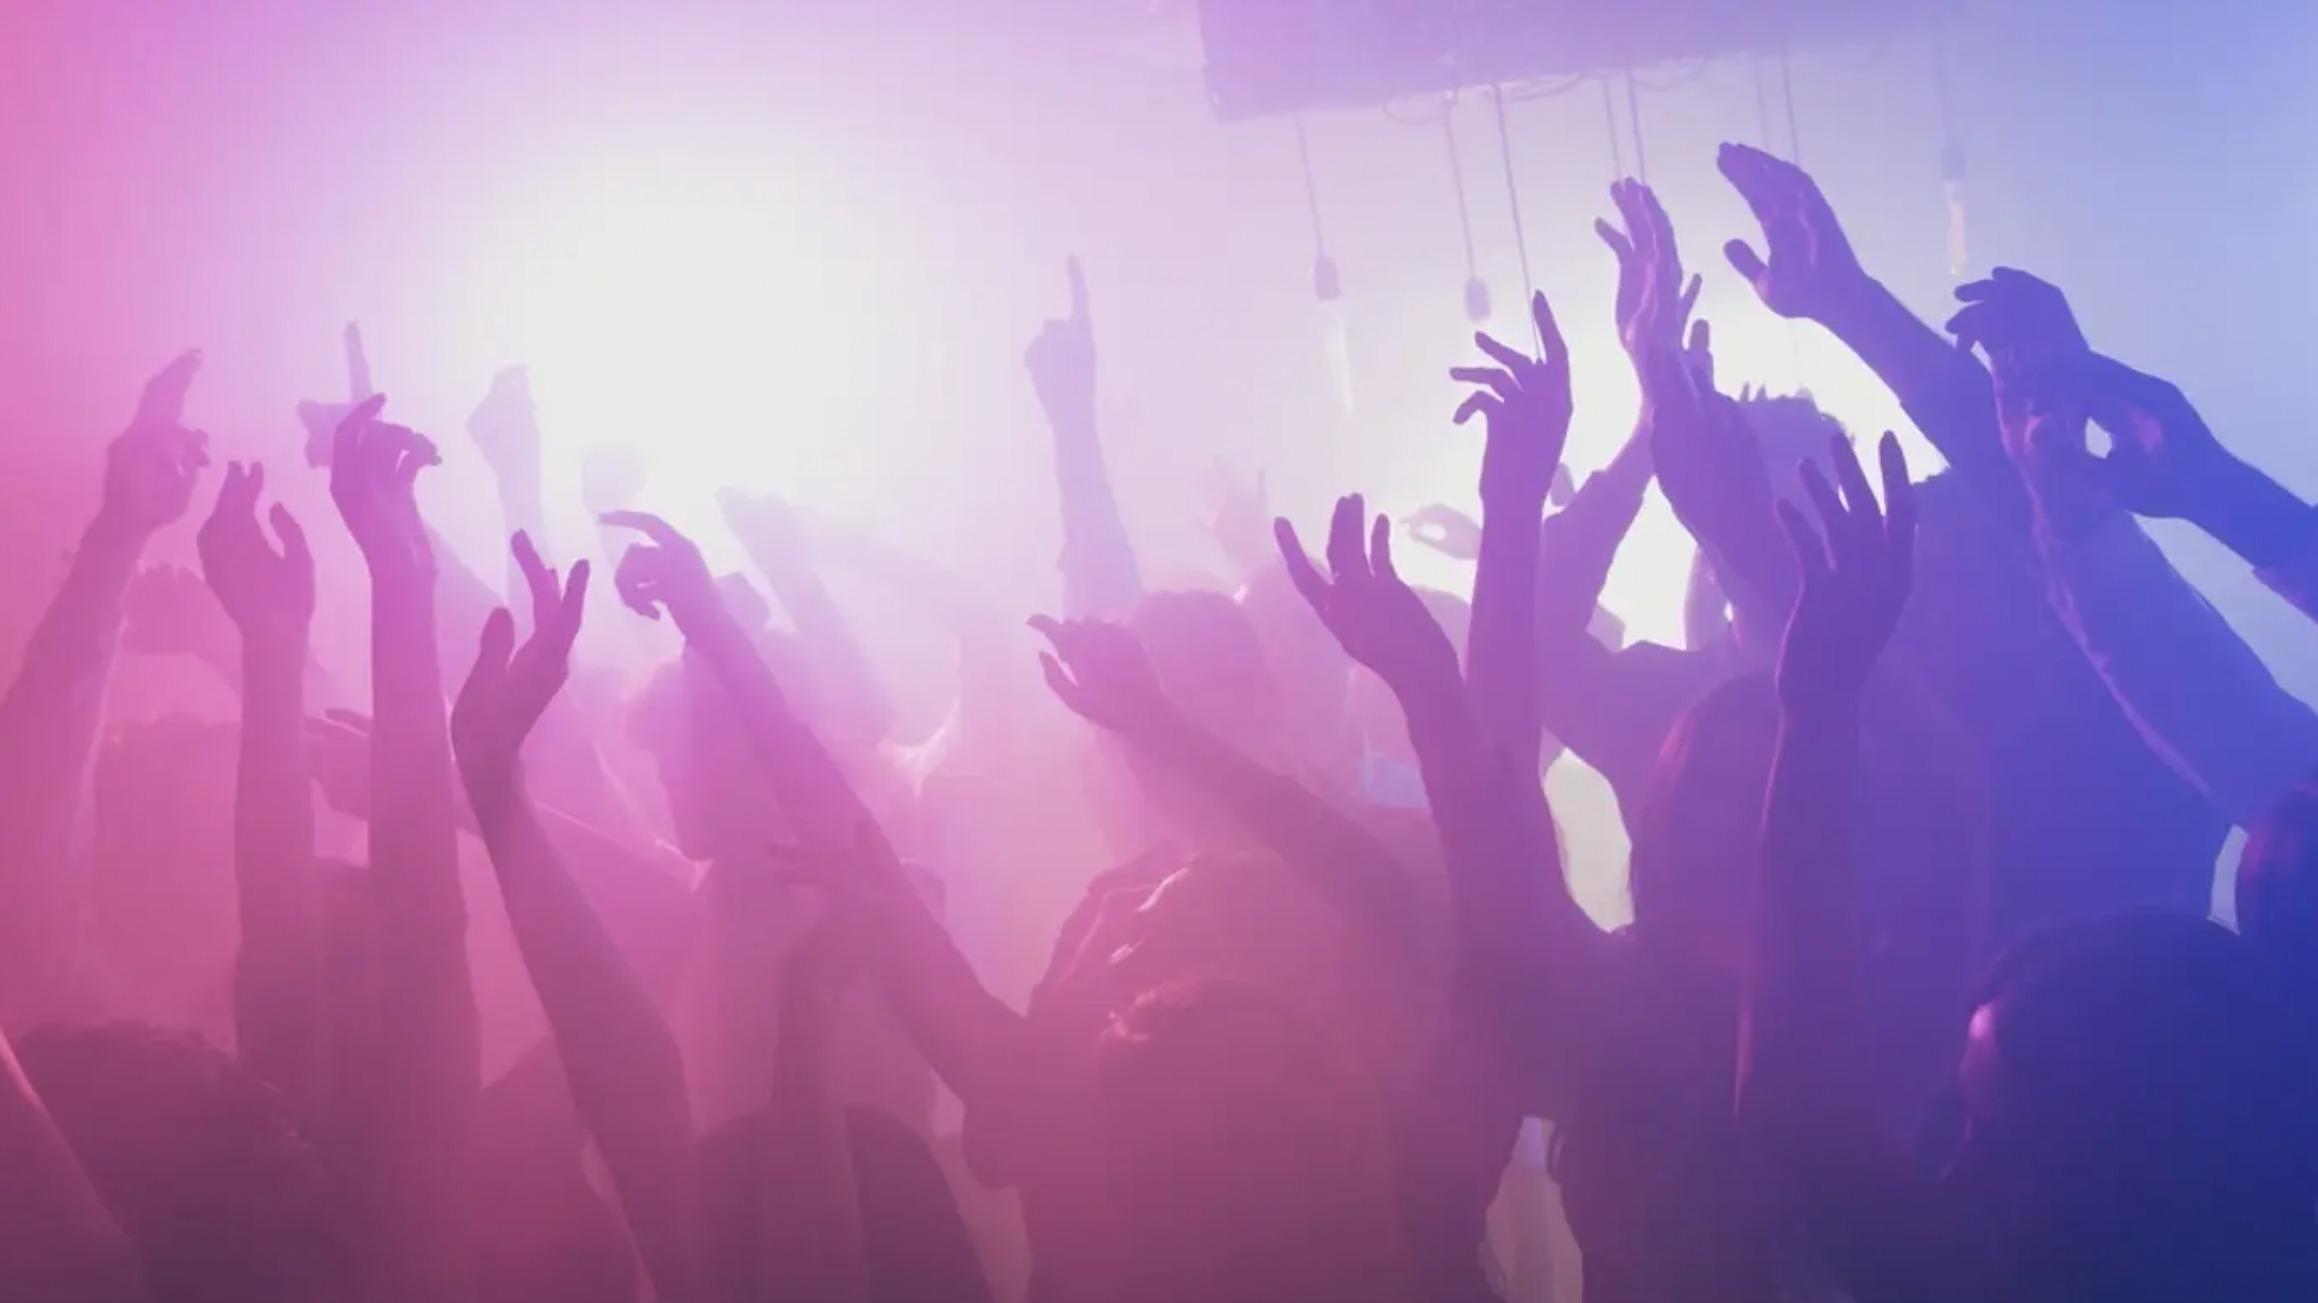 Personnes dansant avec les bras en l'air -Wedding Planner Reims - Perfect Moment by A